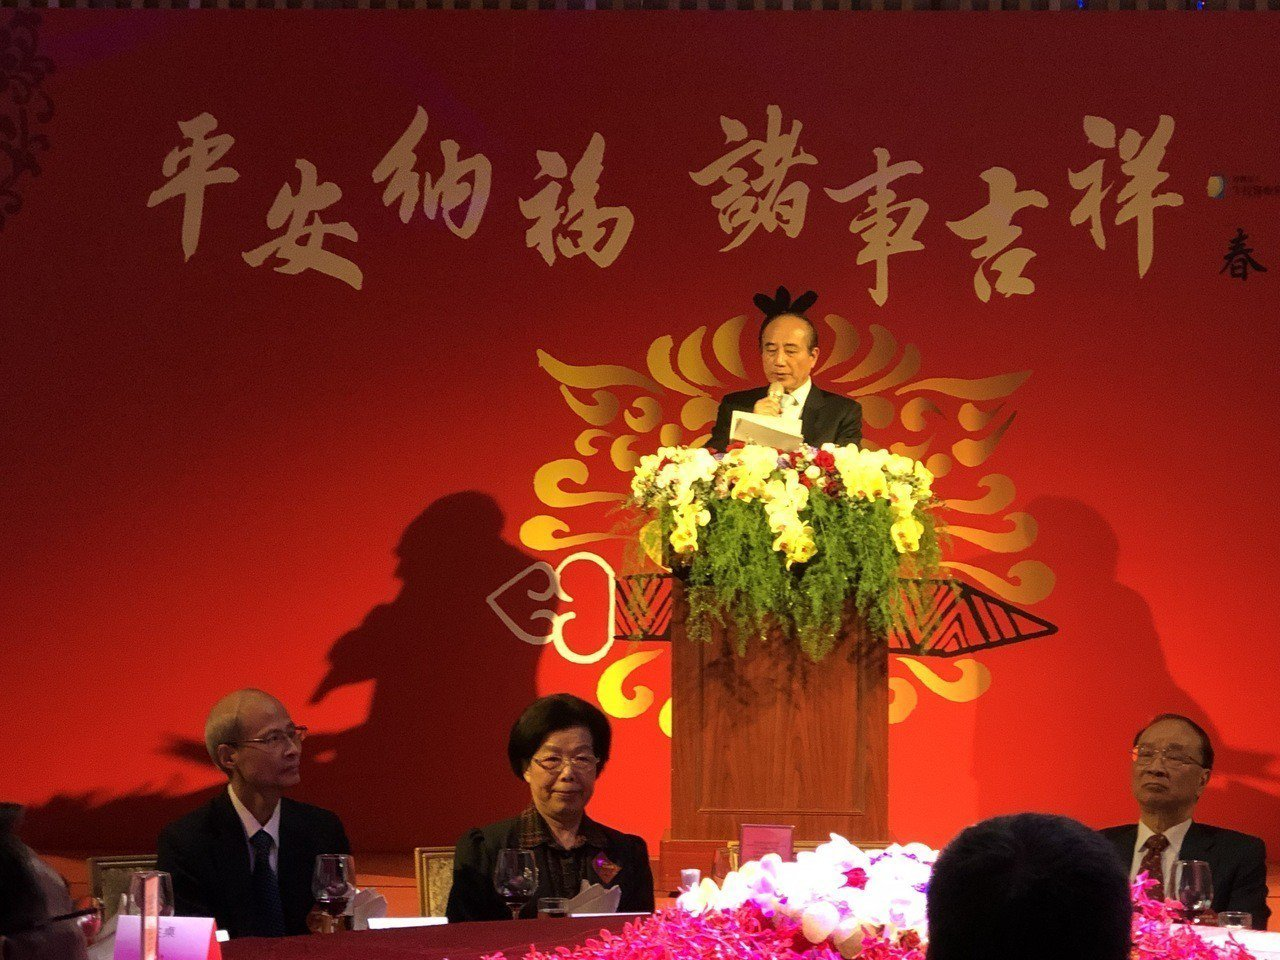 生策會今天舉行春酒,由創辦人王金平代表致詞。記者黃文奇/攝影